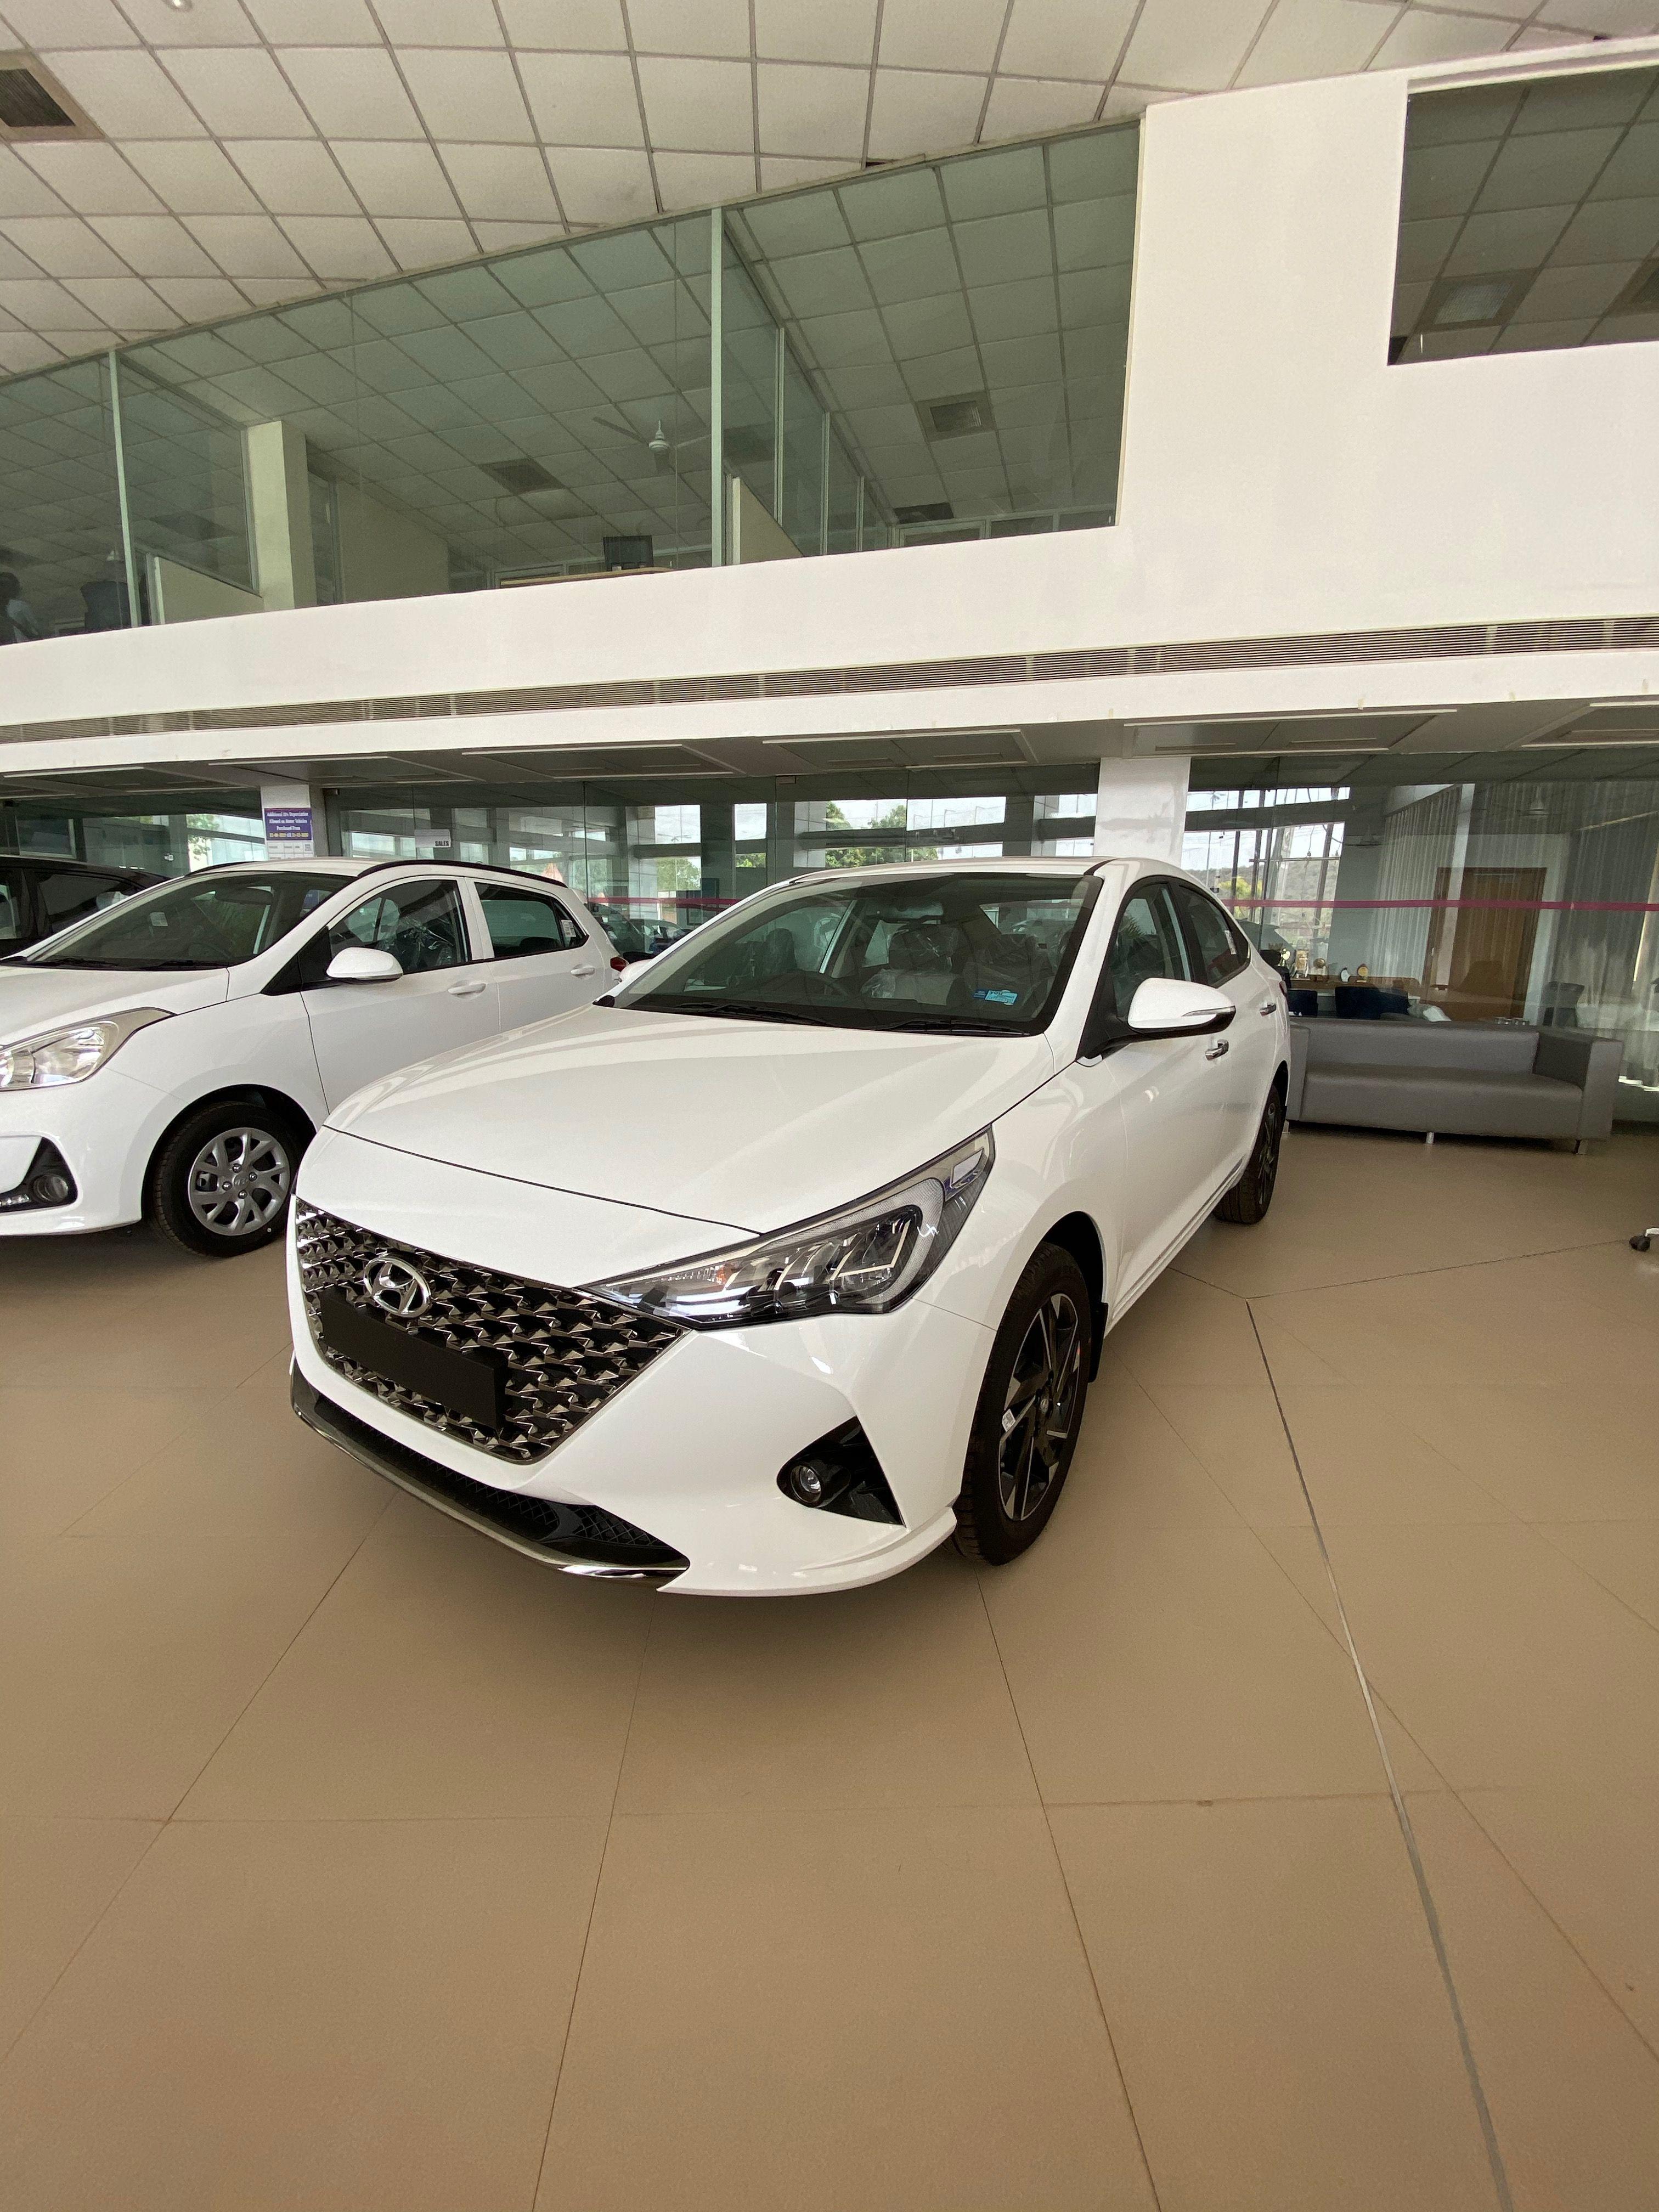 Hyundai Verna Sx O 2020 16 Lakh Real Life Review In 2020 Hyundai Hyundai Accent Subcompact